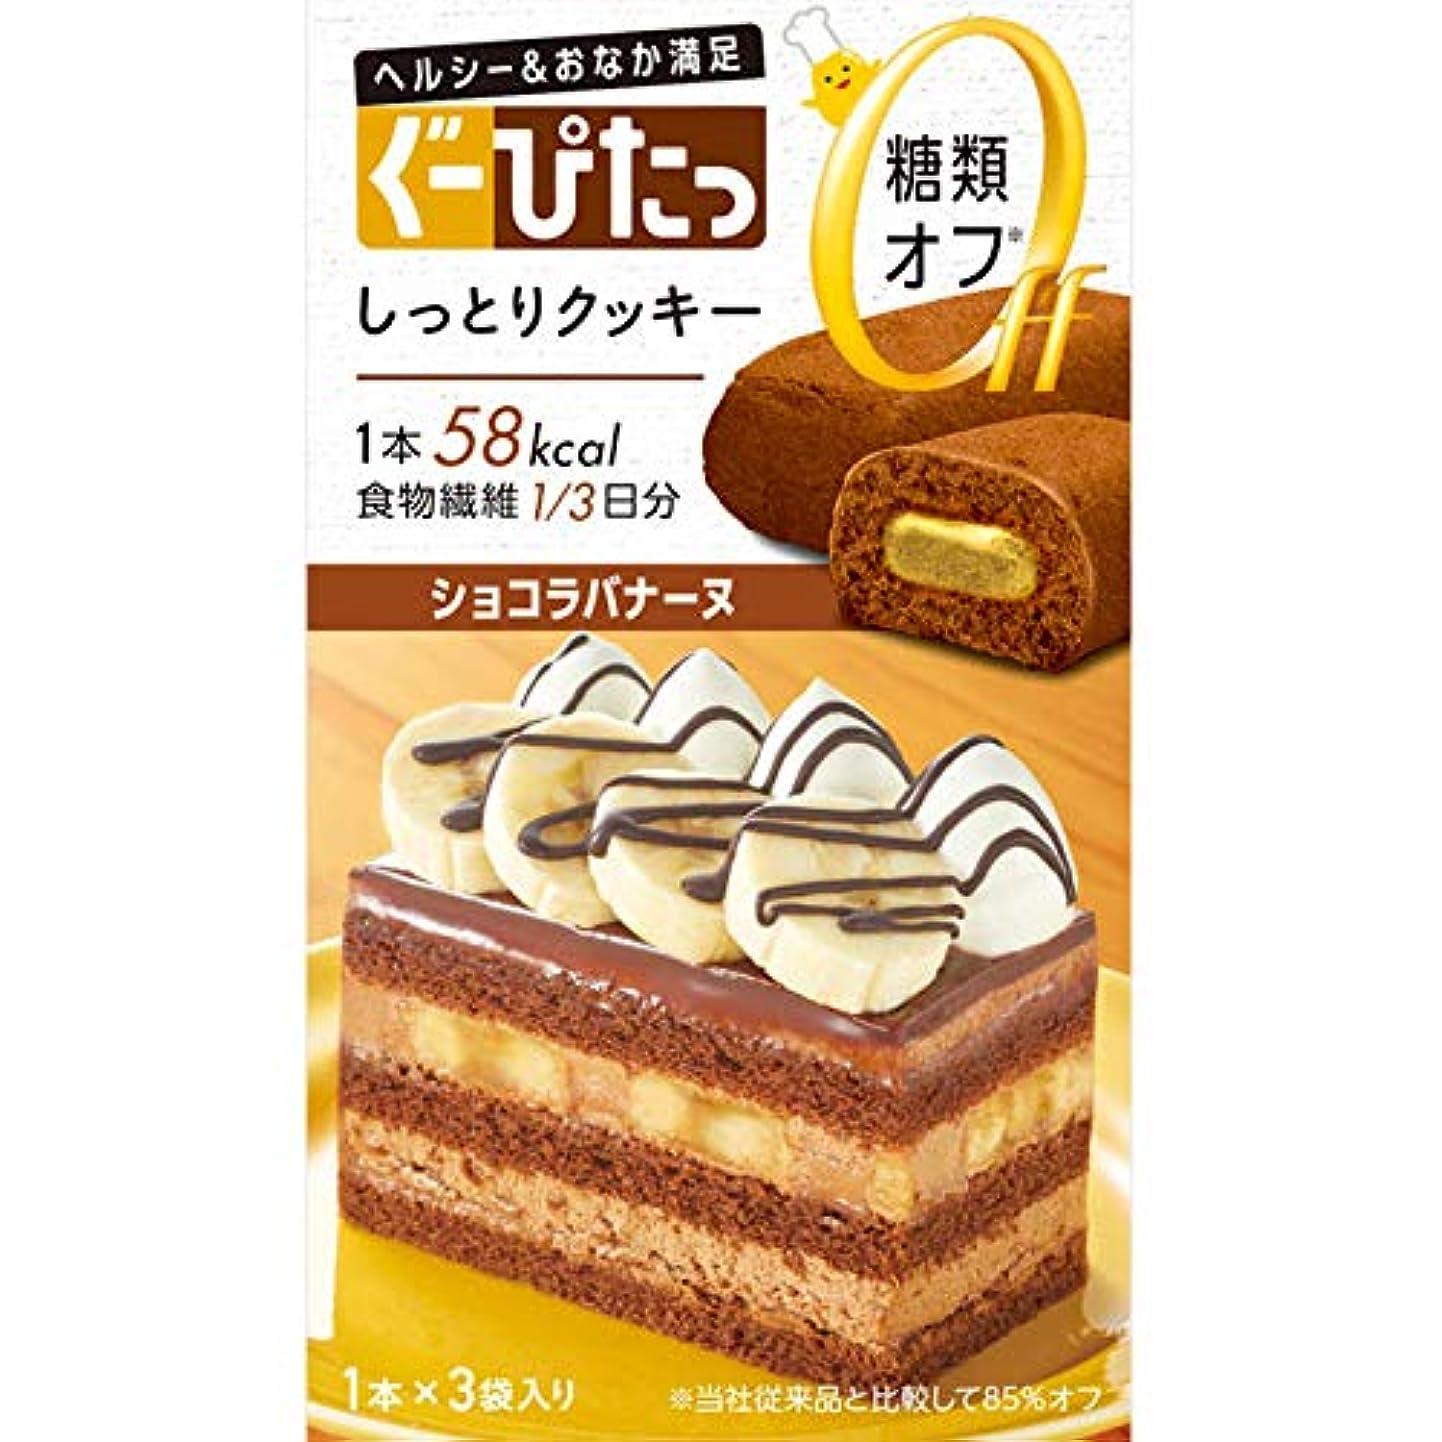 識字散る二層ナリスアップ ぐーぴたっ しっとりクッキー ショコラバナーヌ (3本) ダイエット食品